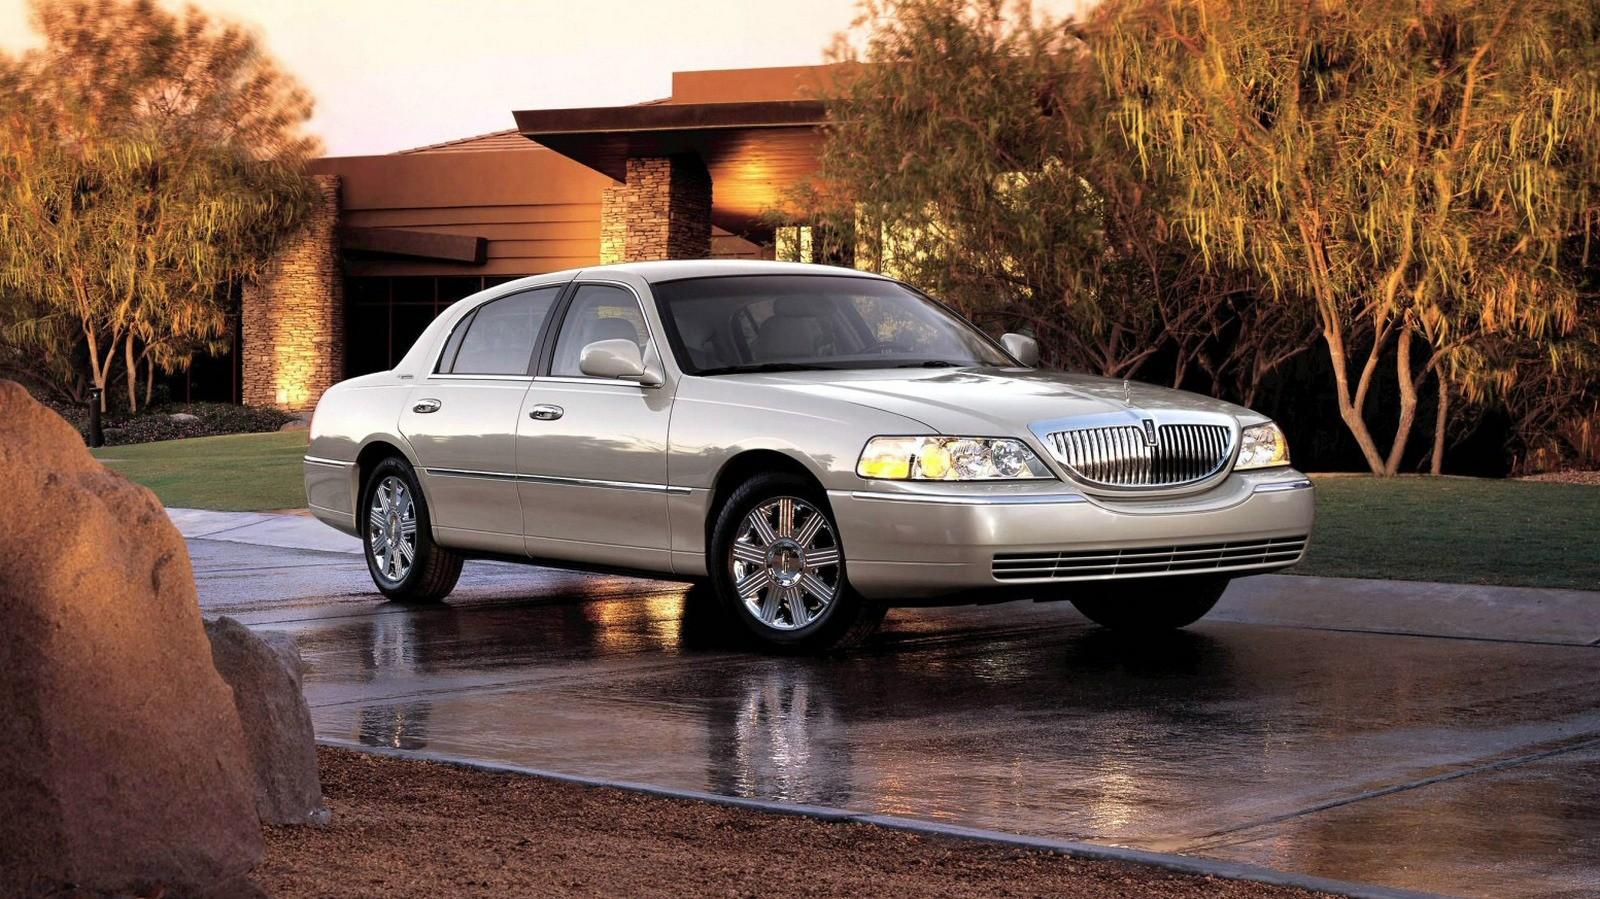 2005 Lincoln Town Car.